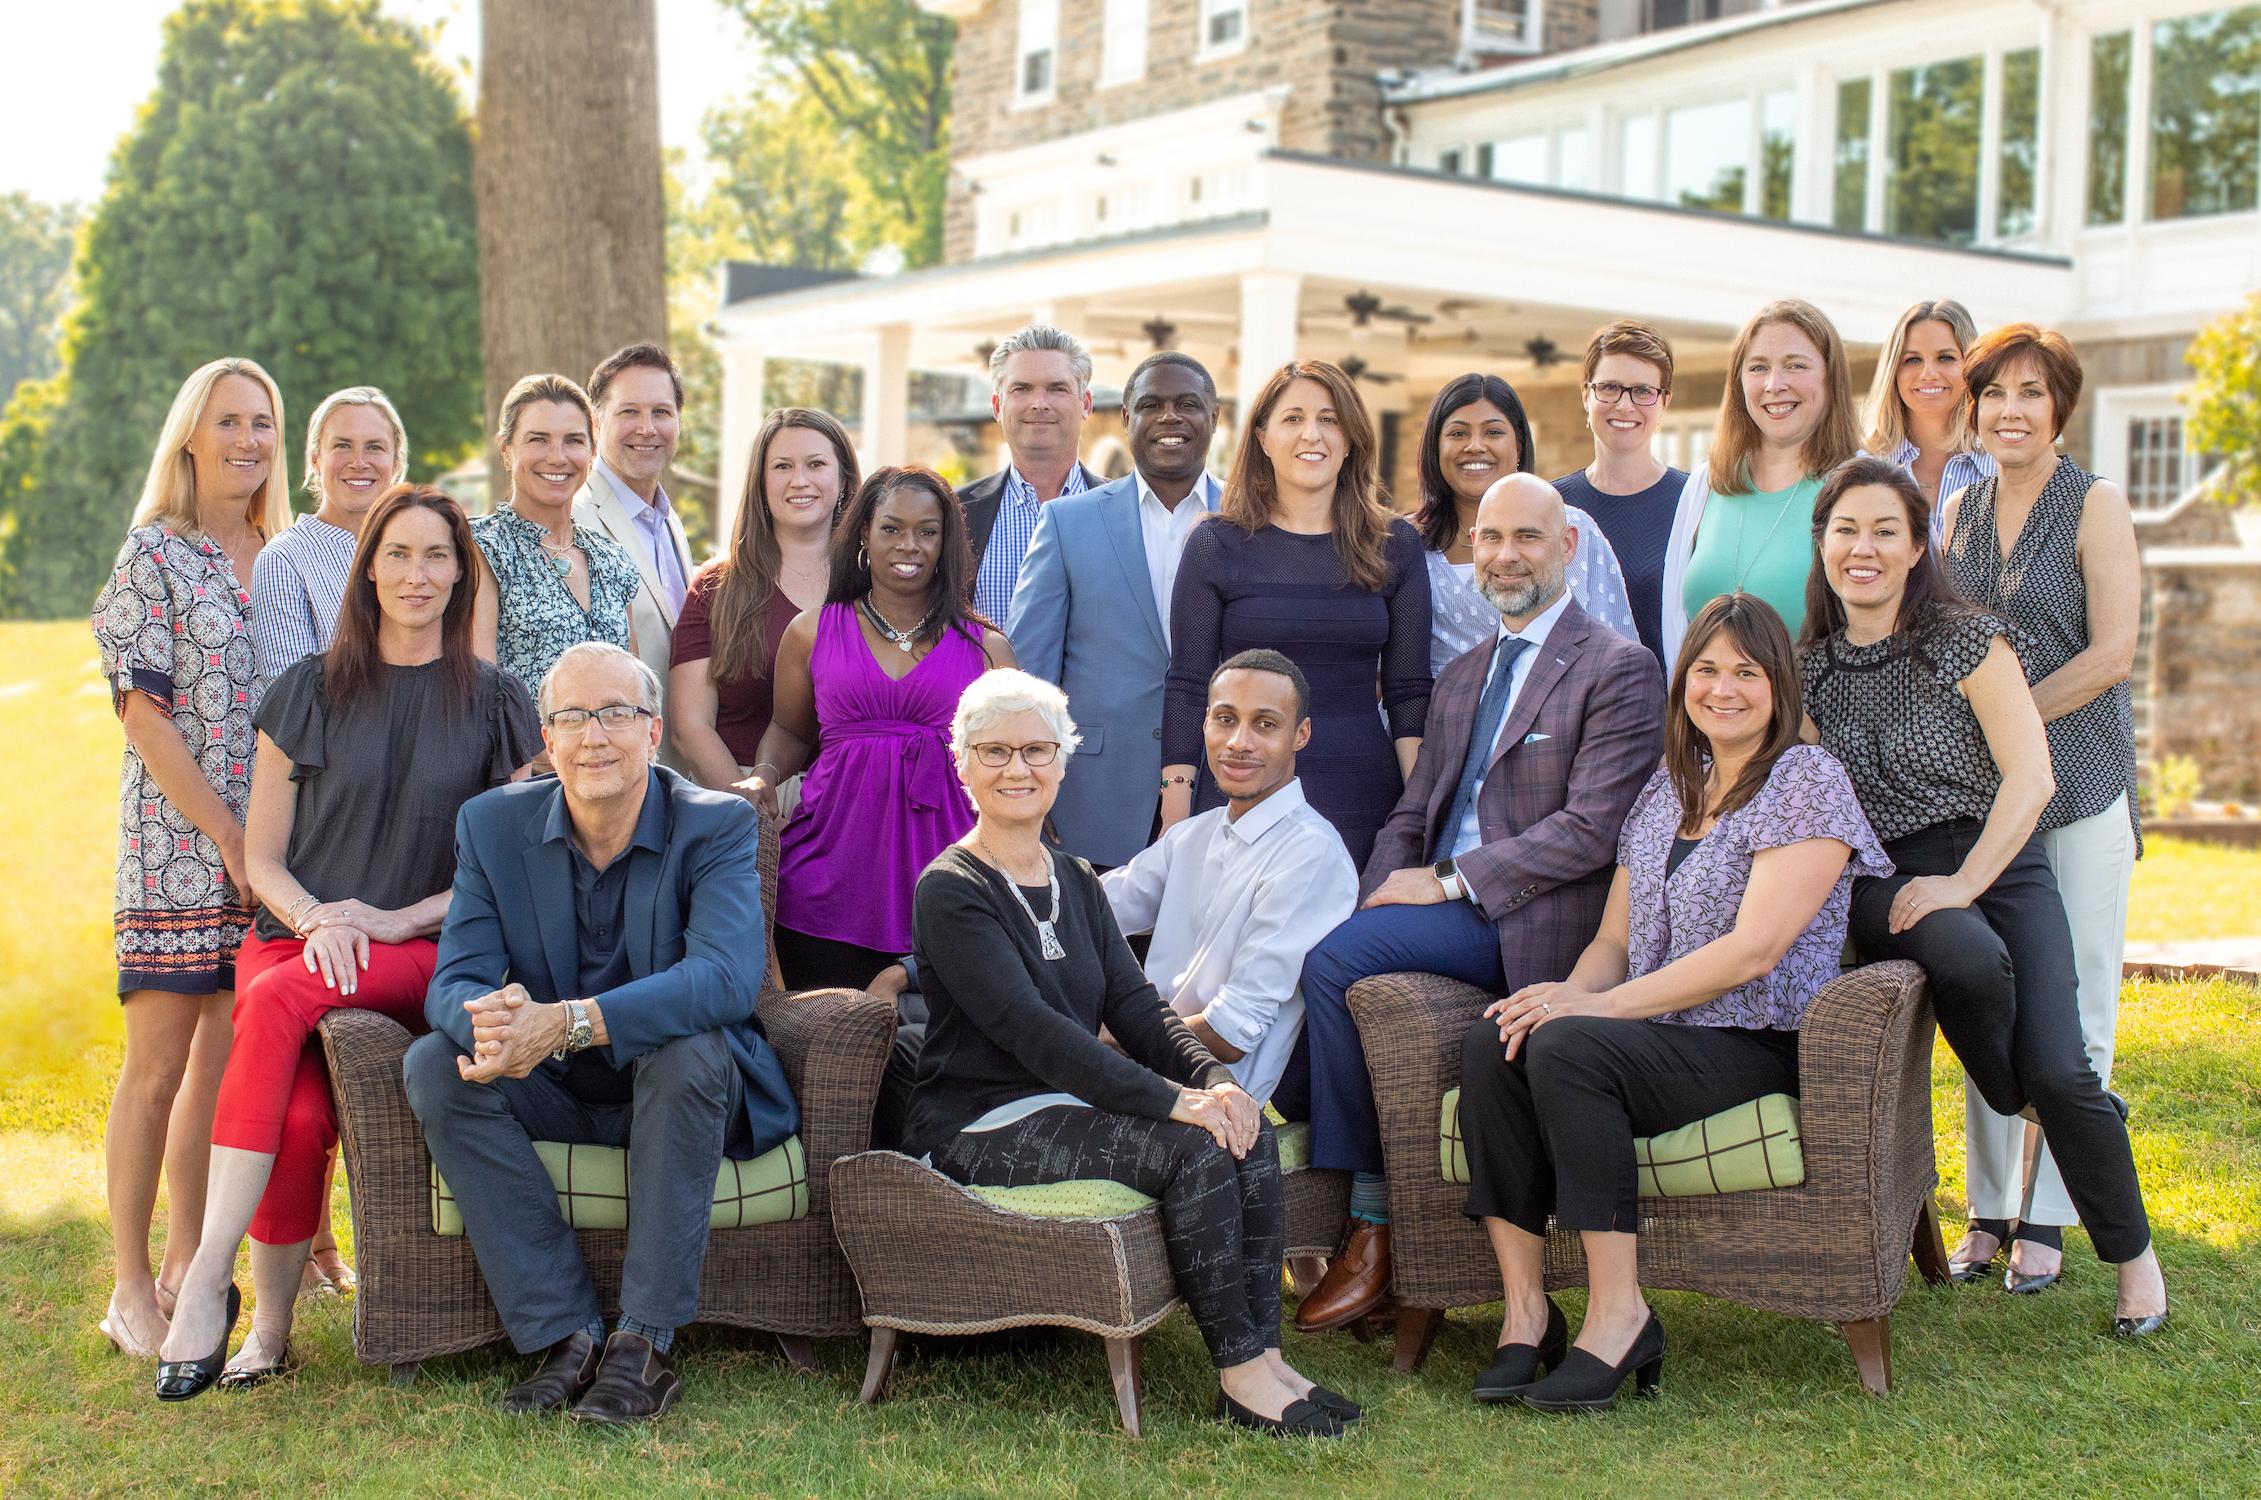 Team lead staff photo